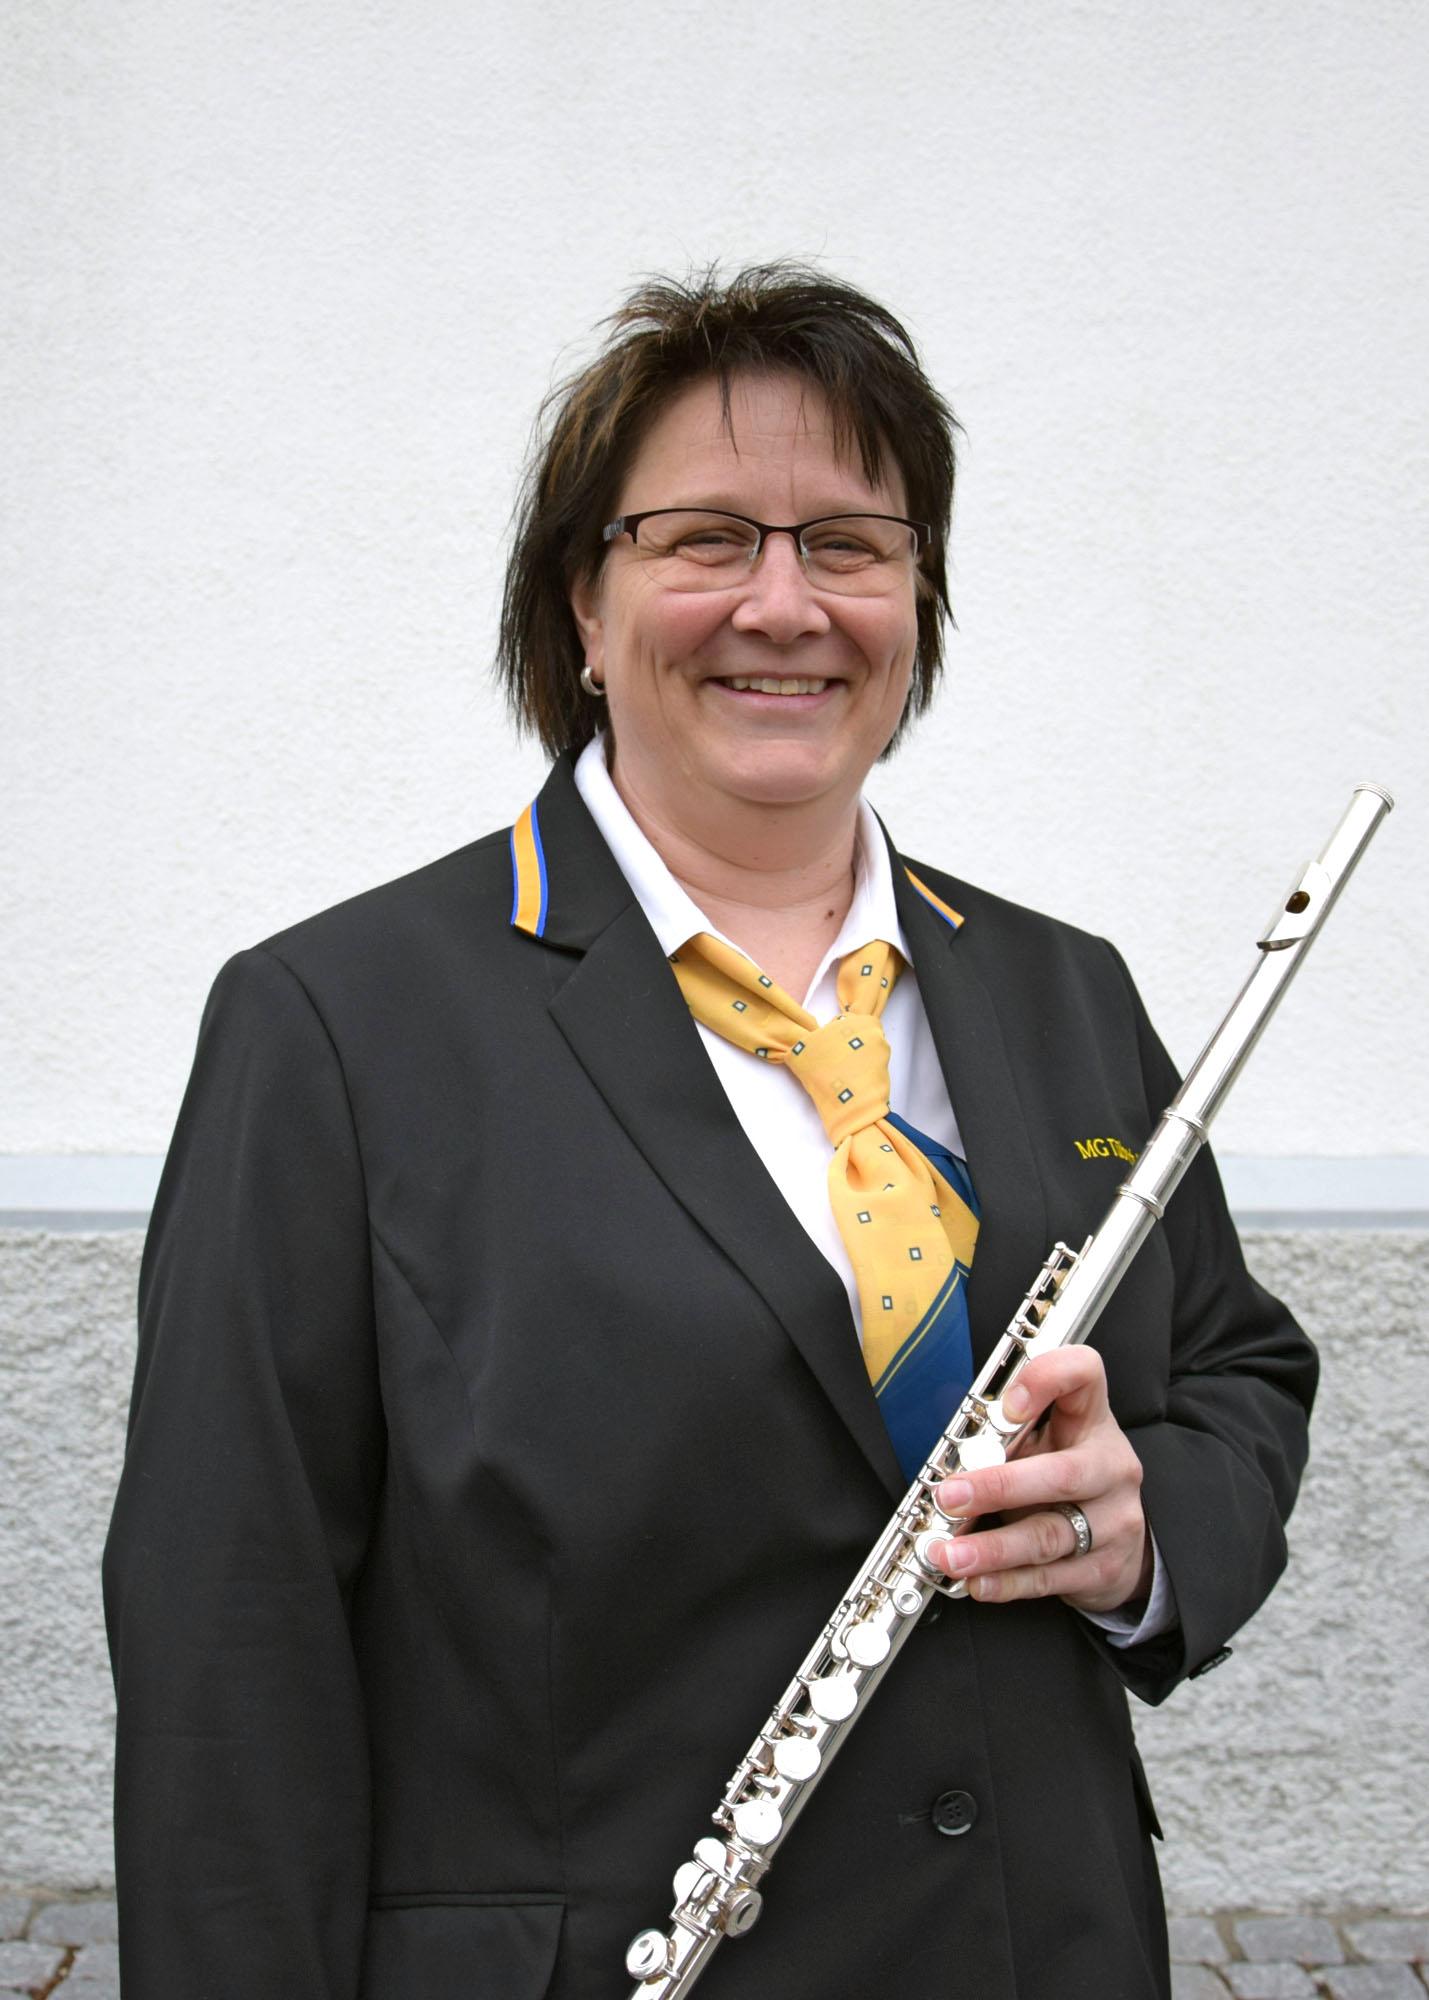 Nicole Straub